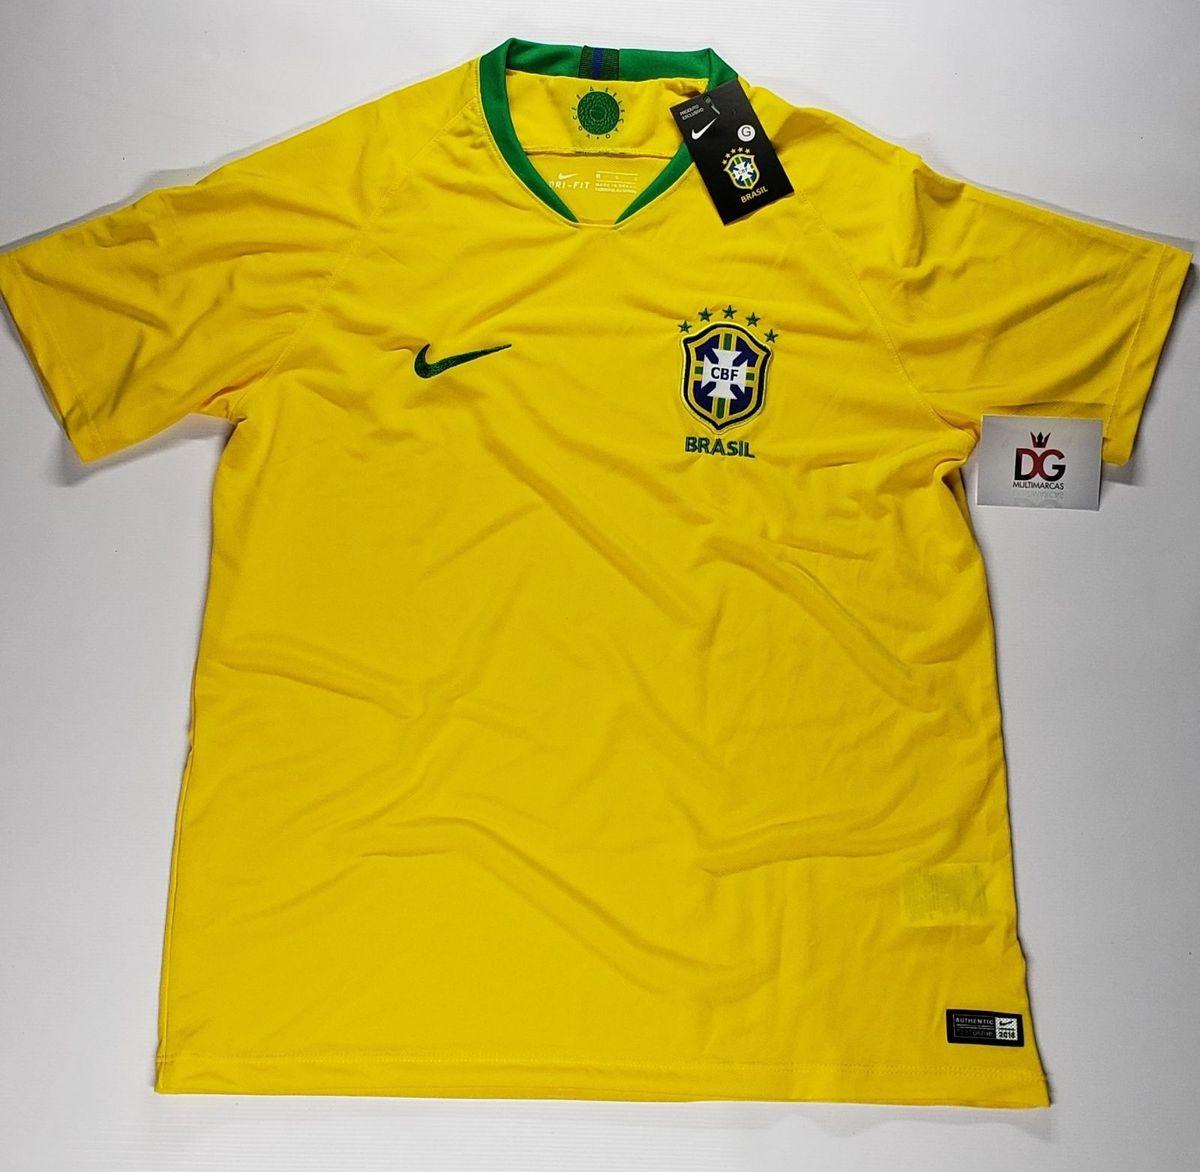 3cafc835db camiseta drifit da seleção brasileira 2018 - camisetas nike